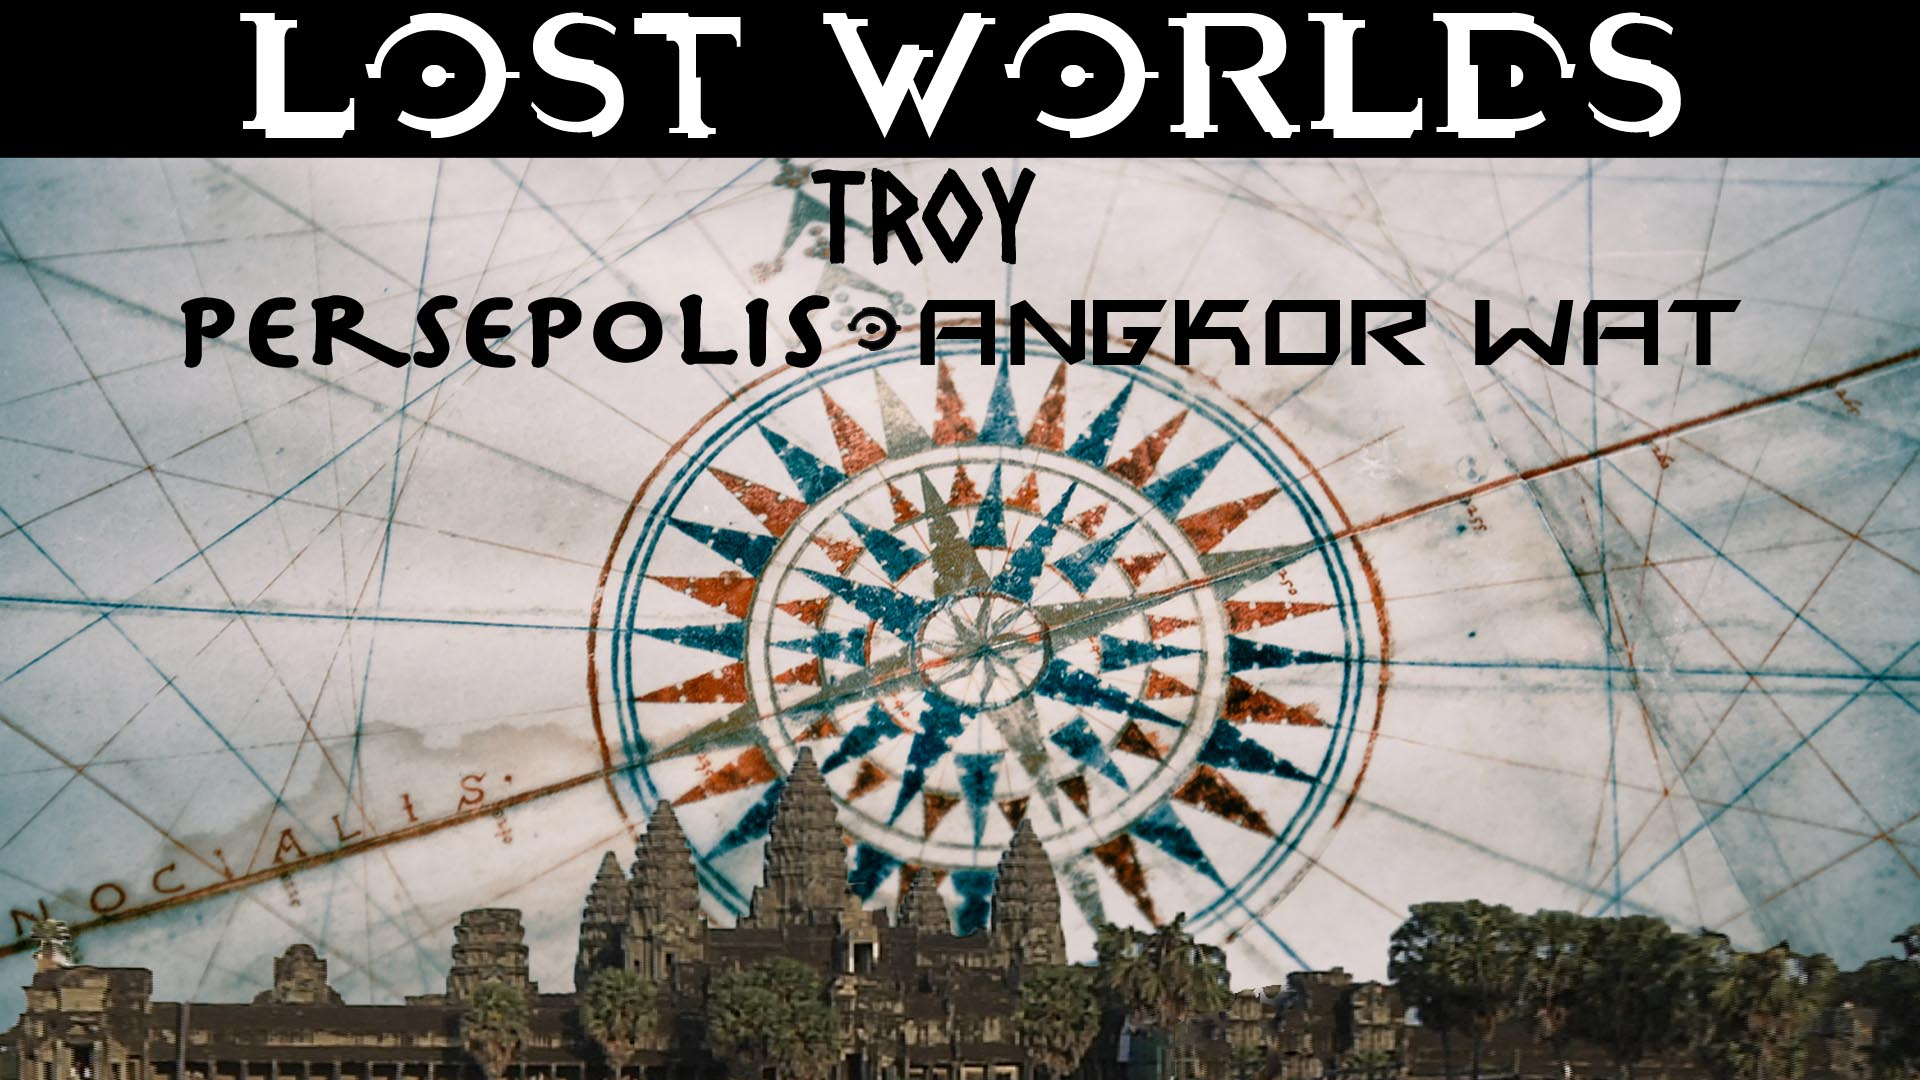 Lost Worlds: Troy, Persepolis, Angkor Wat -